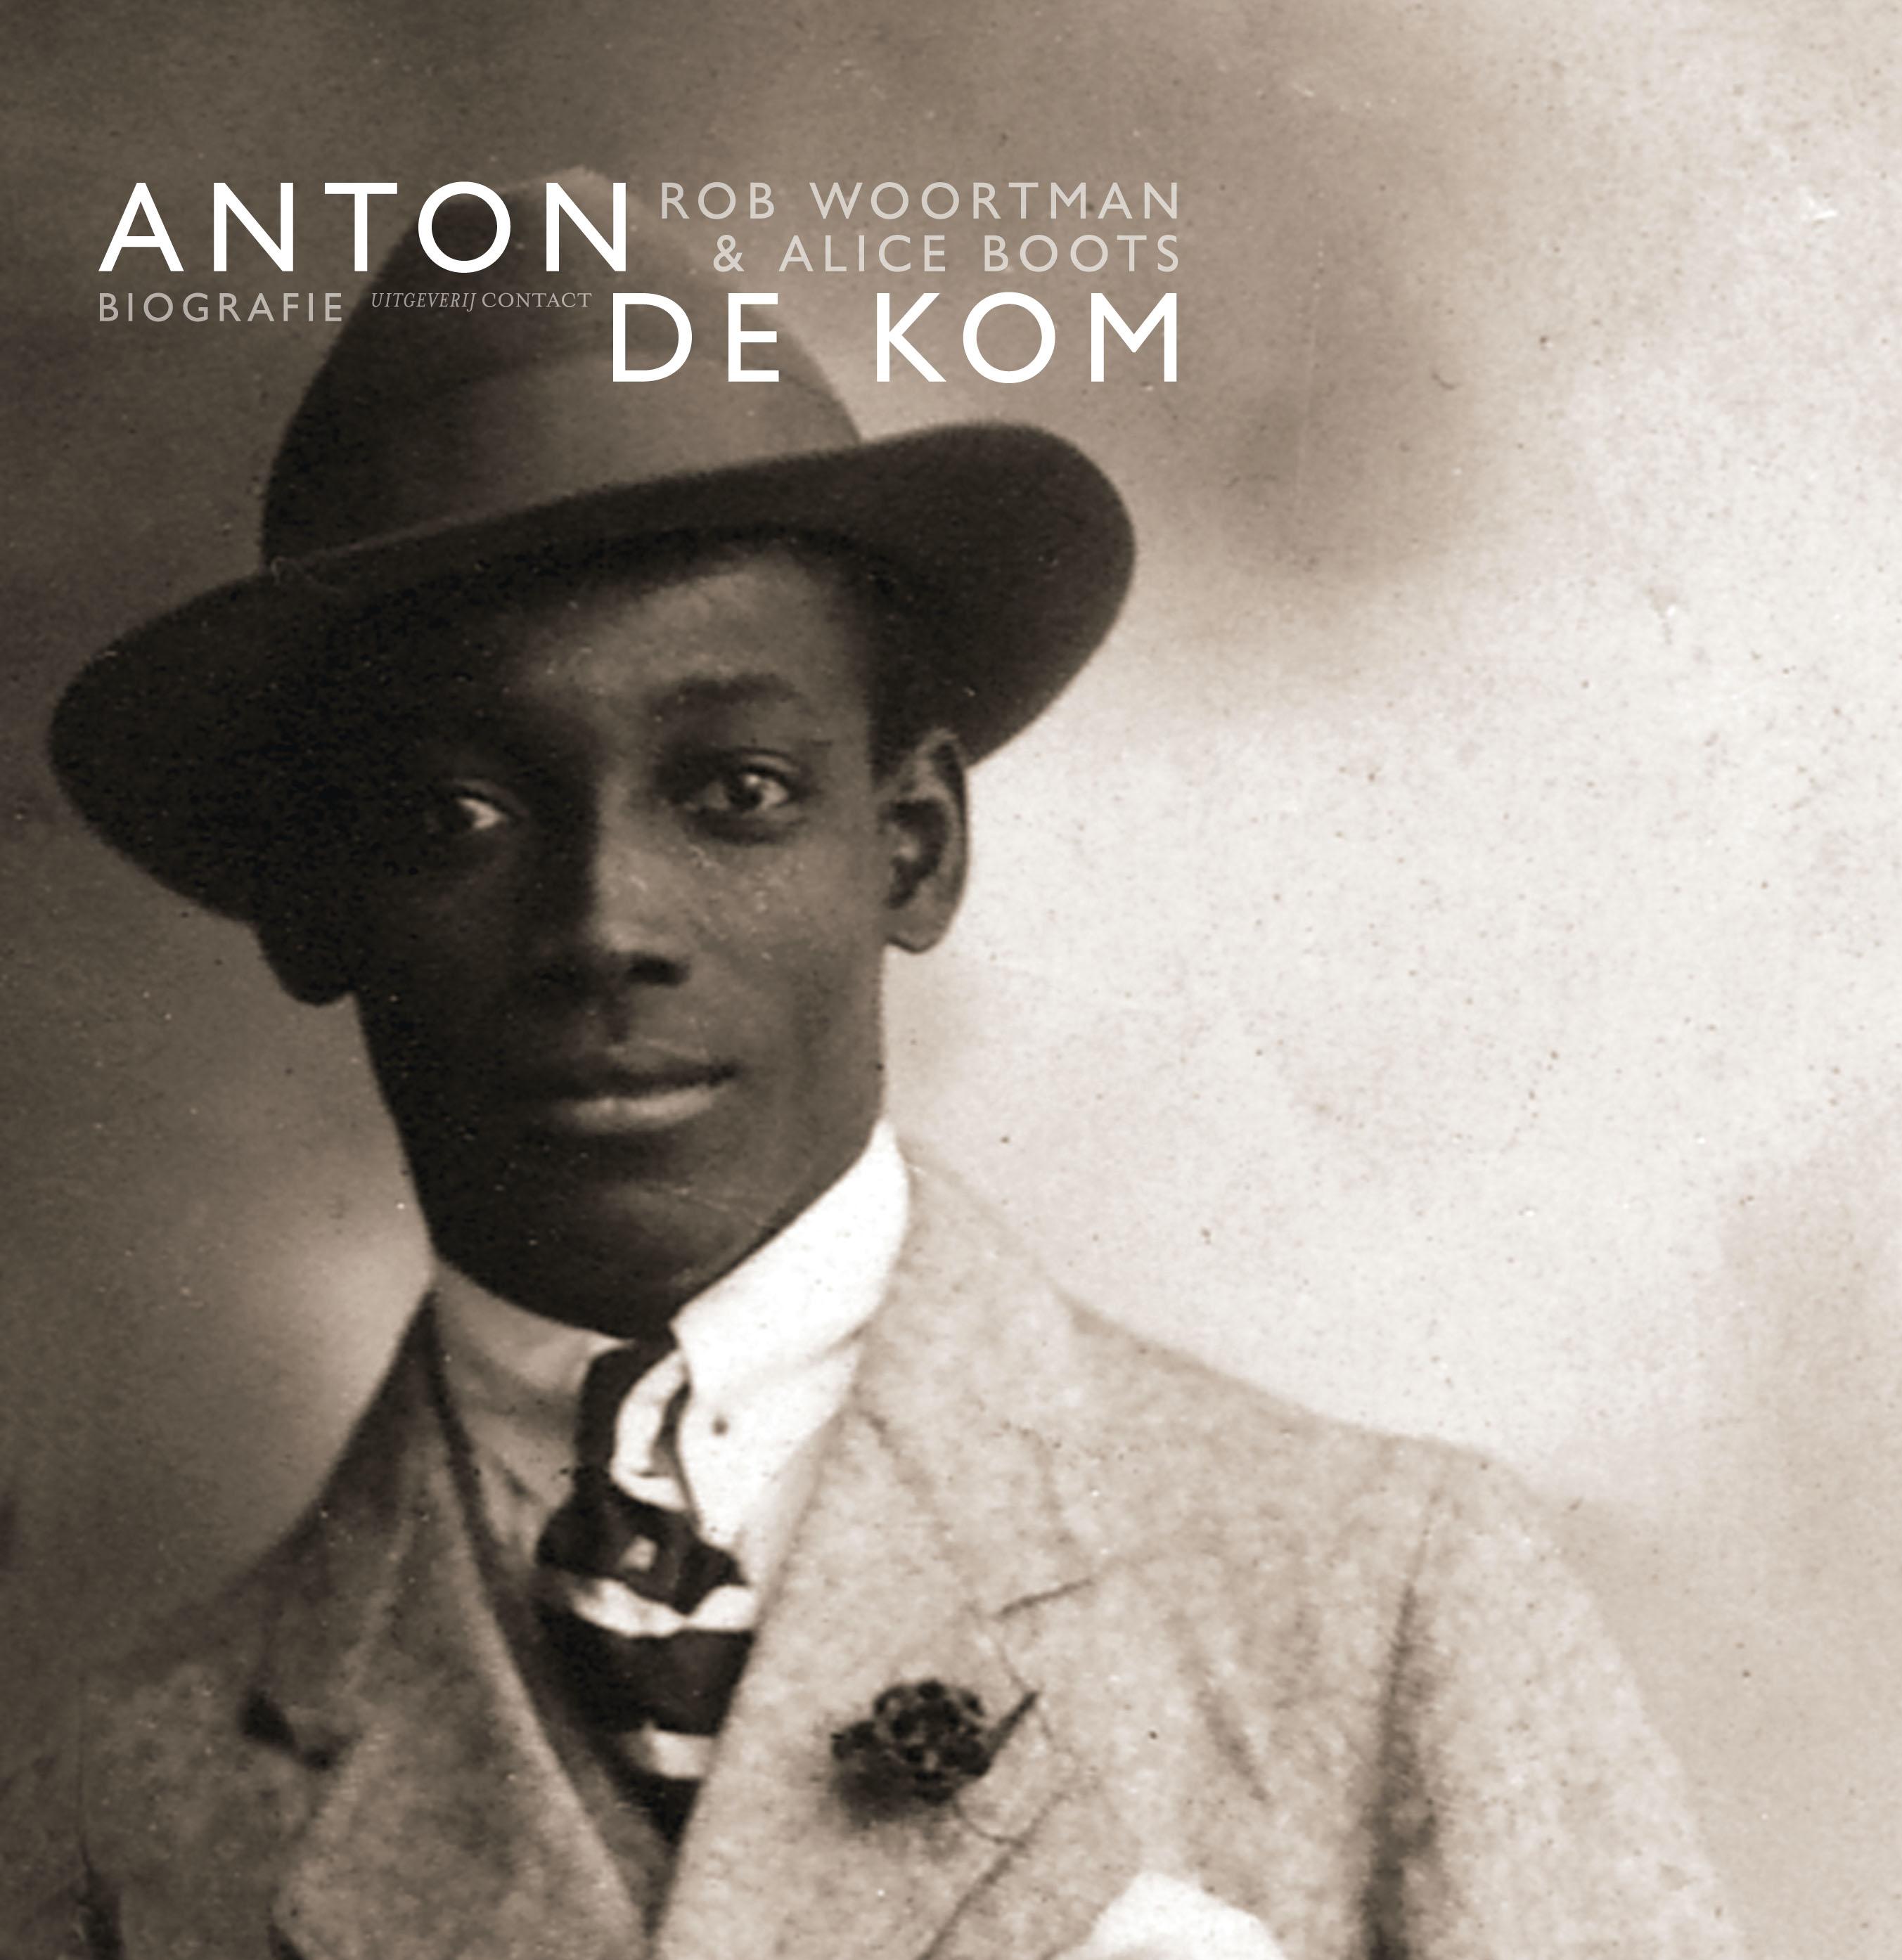 Biografie Anton de Kom